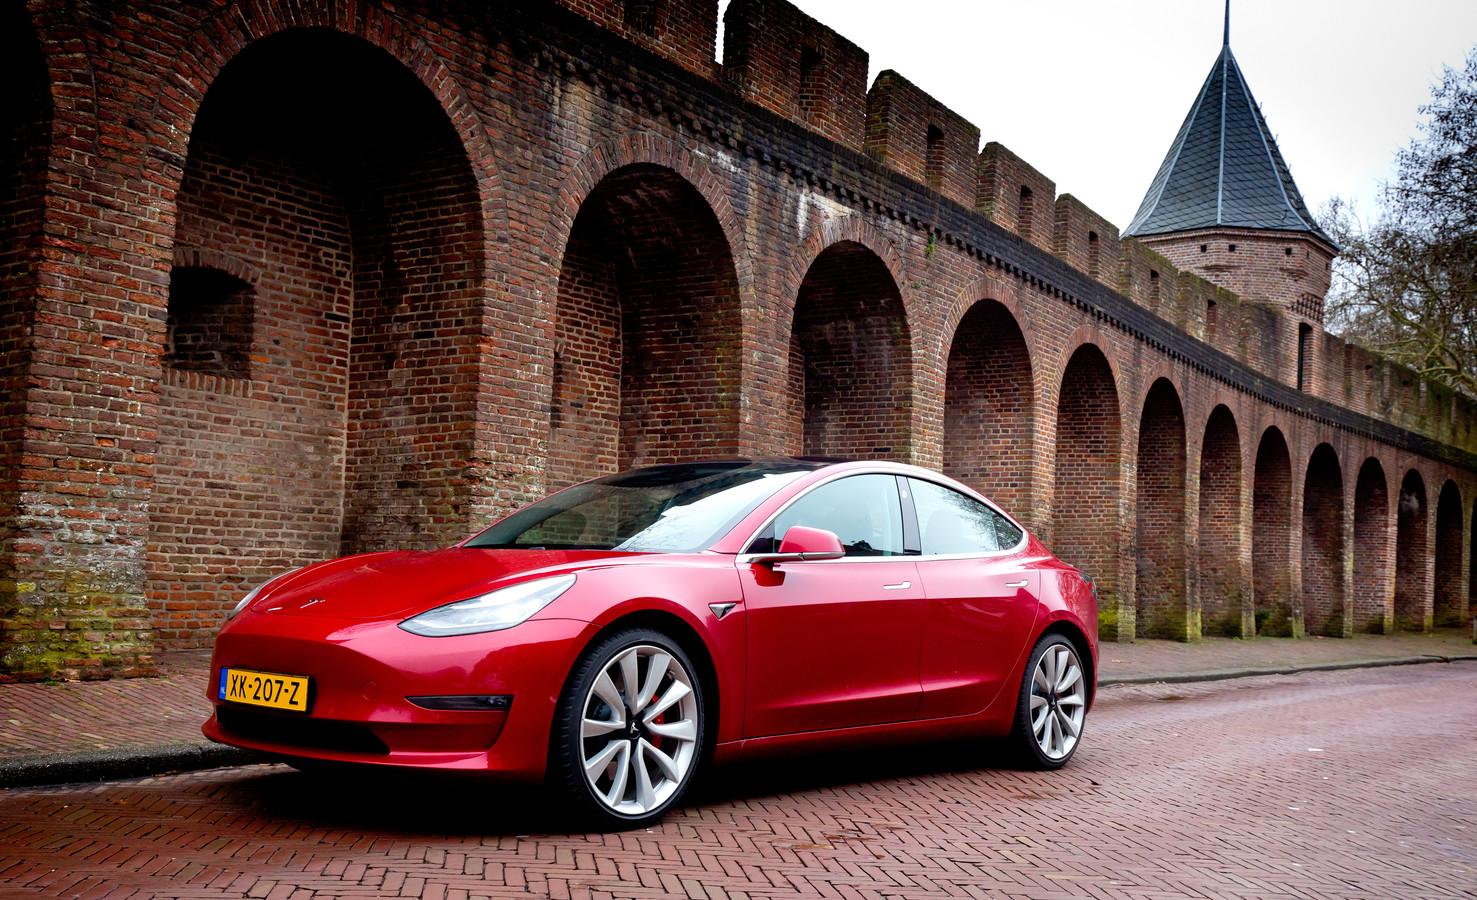 De Model 3 is de jongste Tesla, maar is hij daarmee ook een betere keus dan de al acht jaar oude Model S?